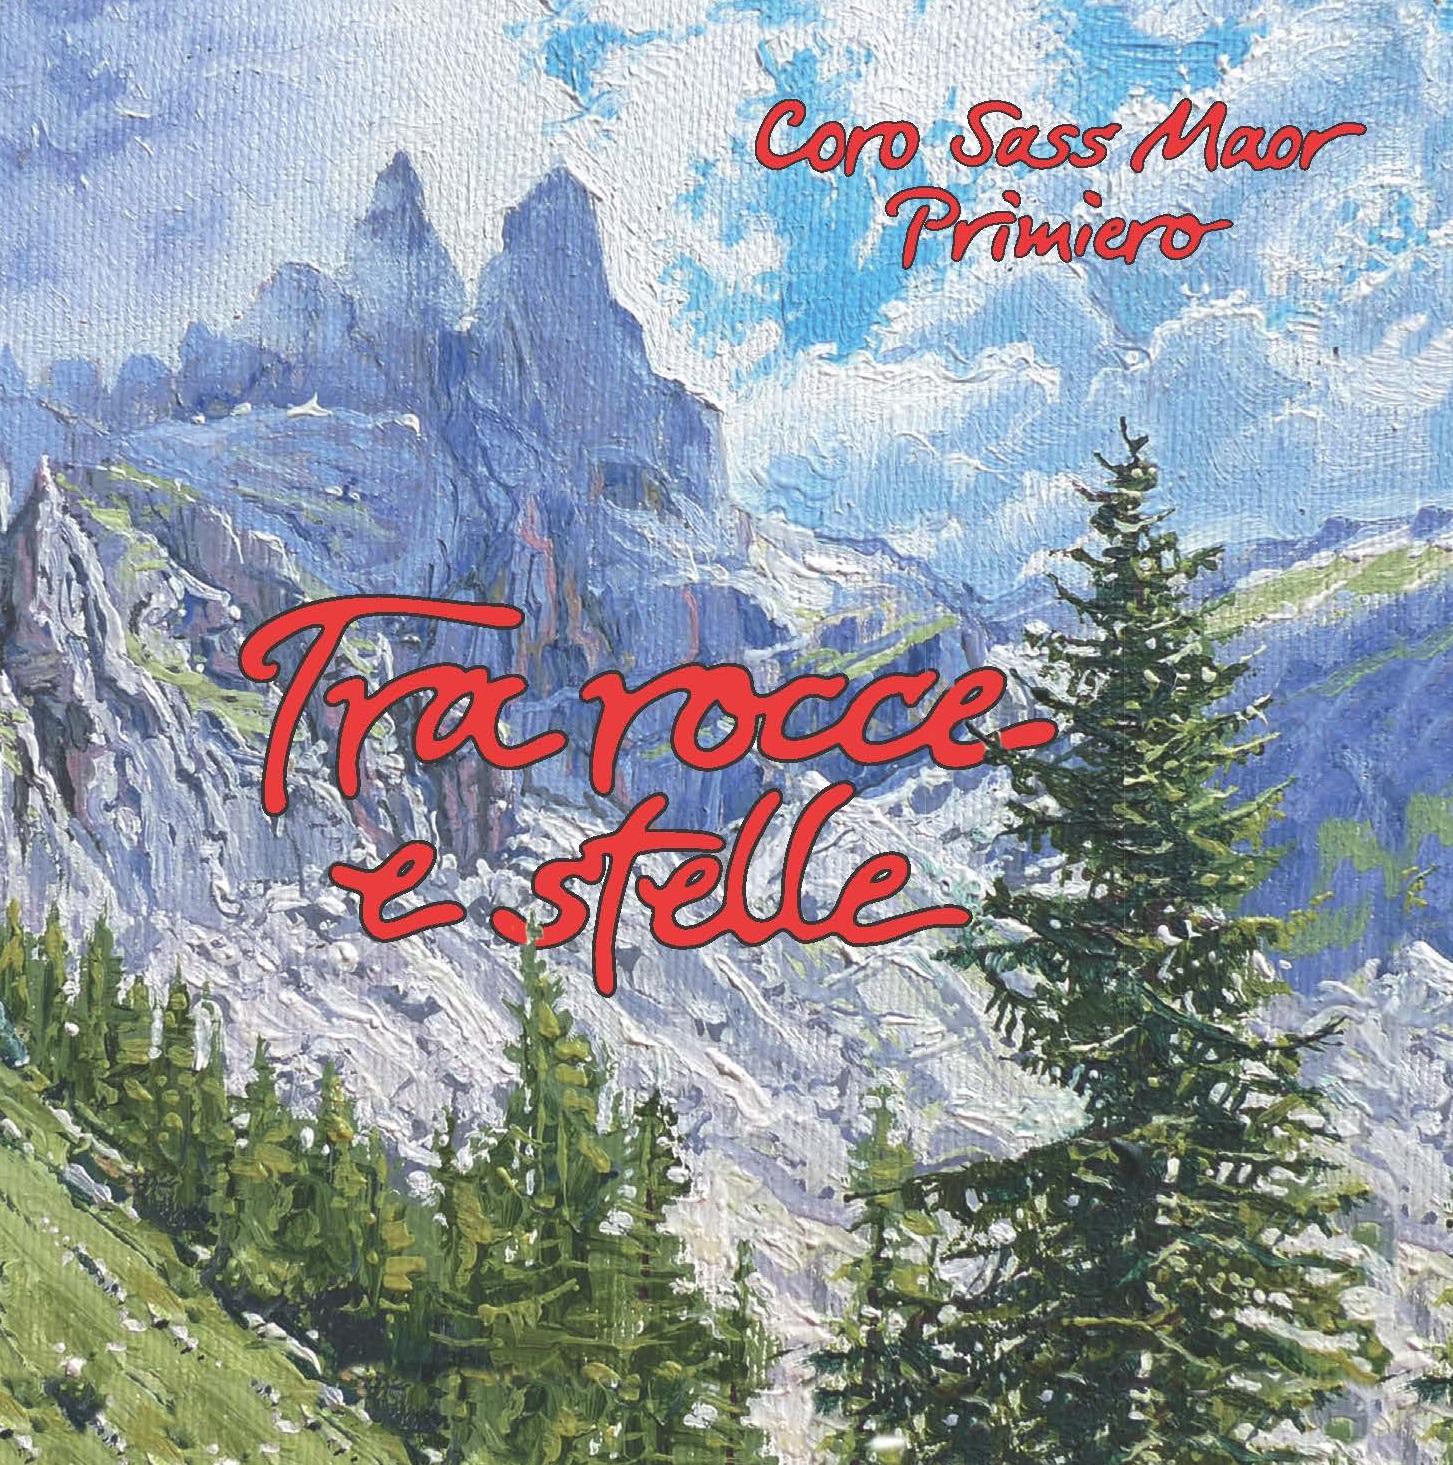 Tra rocce e stelle - copertina